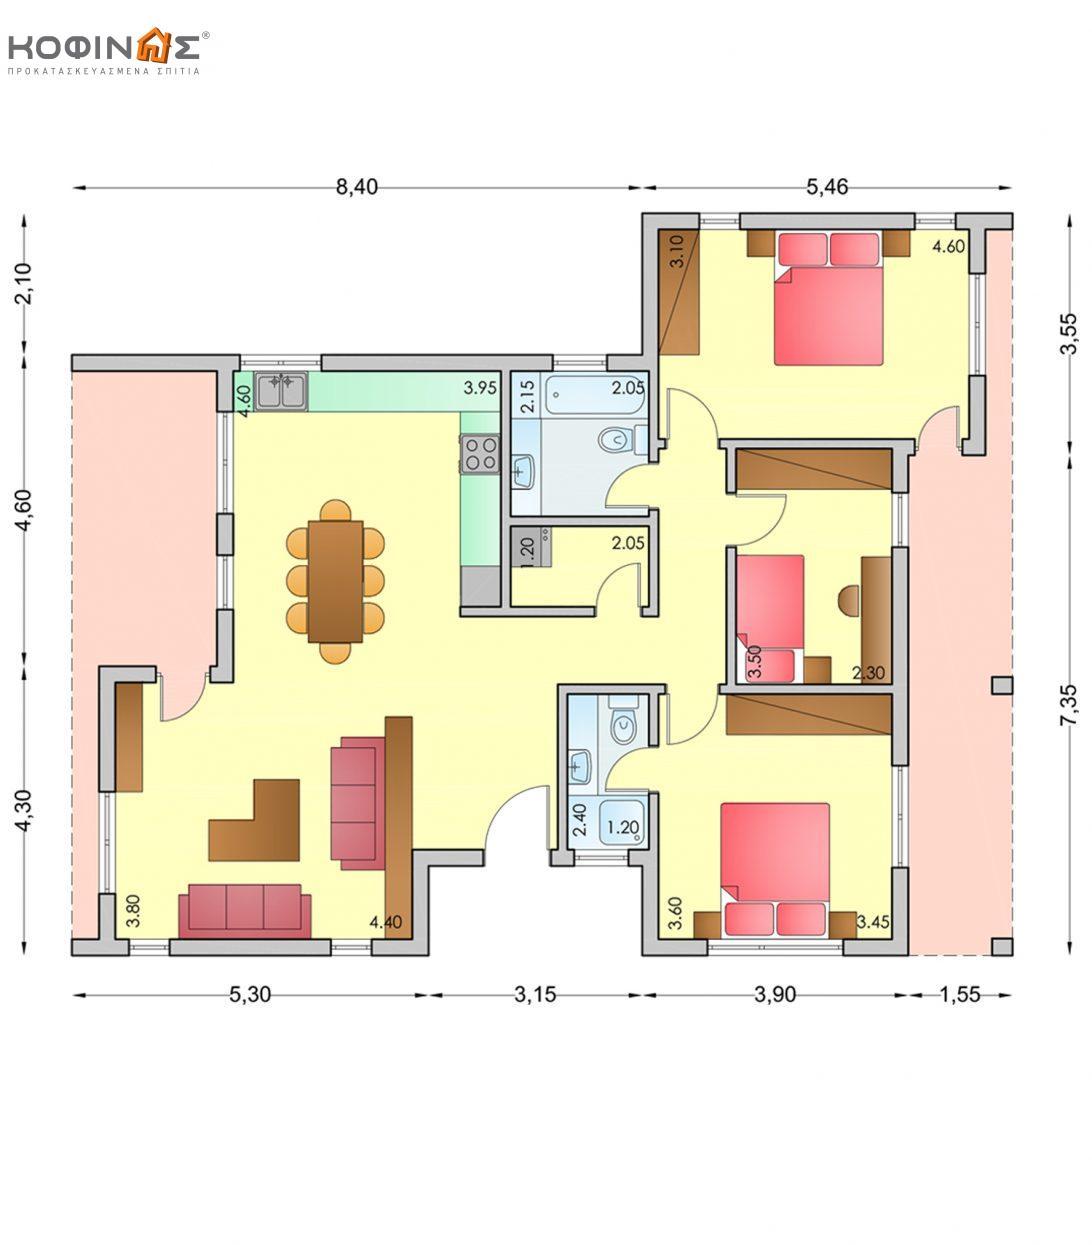 Ισόγεια Κατοικία I-106b, συνολικής επιφάνειας 106,20 τ.μ.